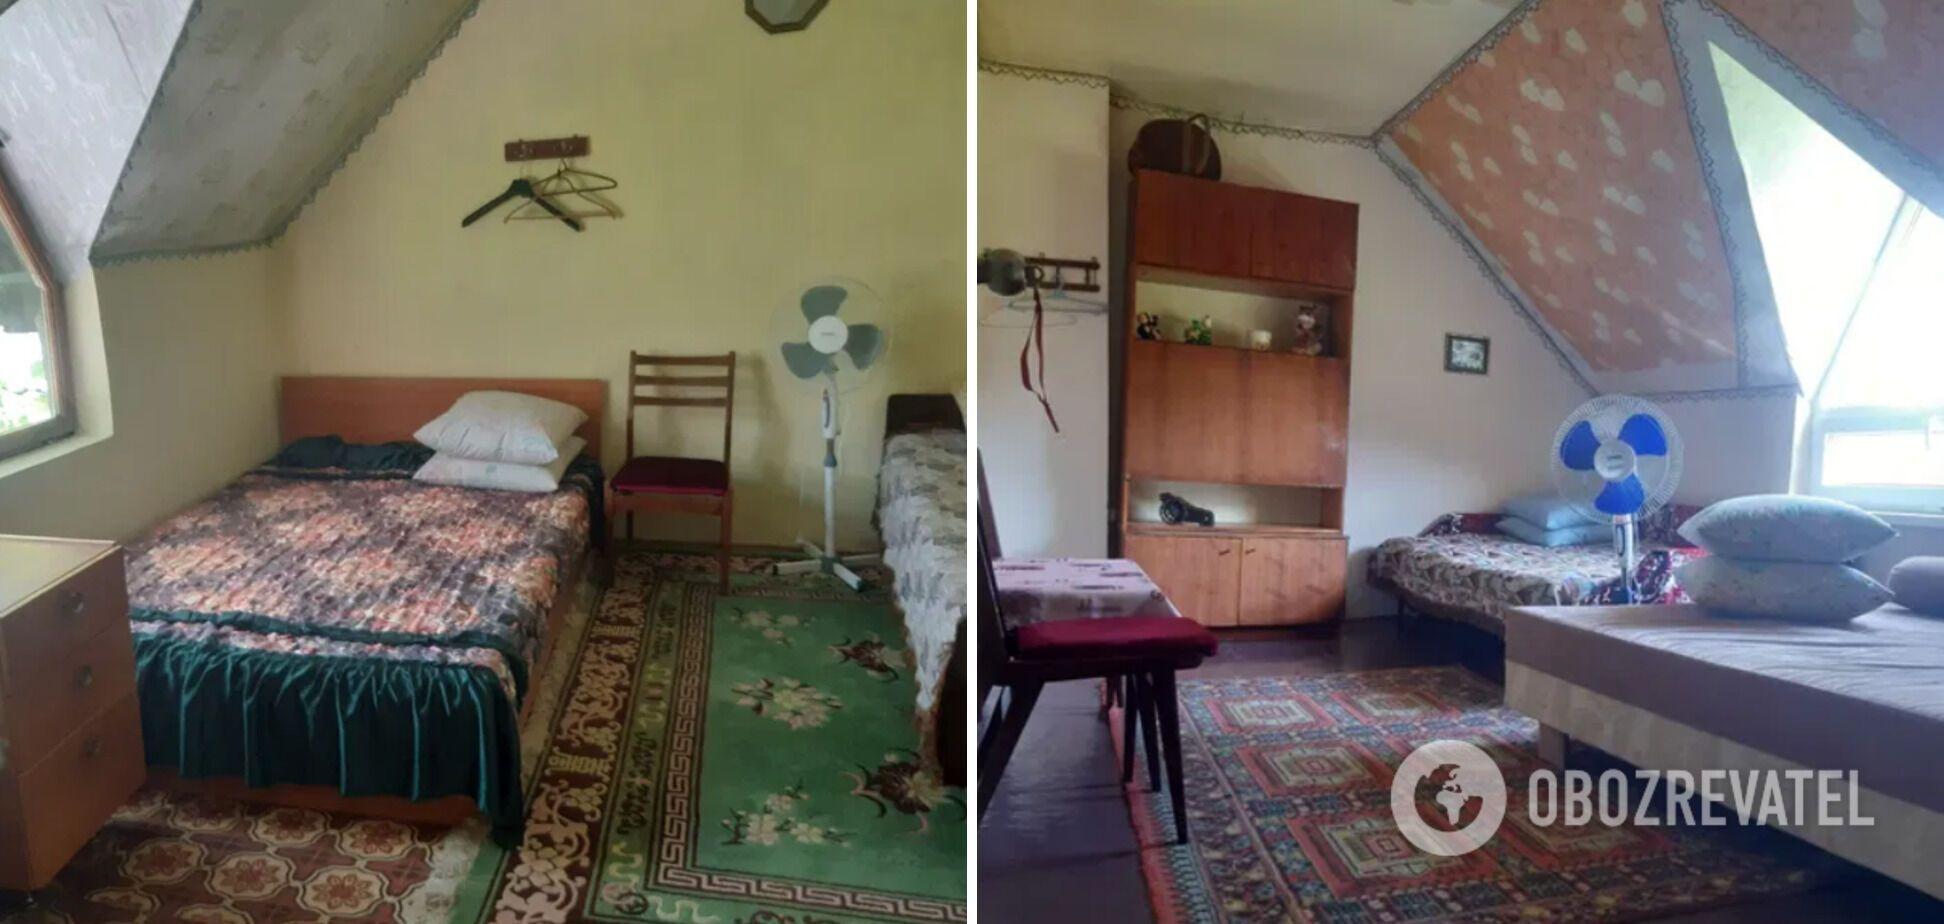 Орендувати таку кімнату можна за 220 гривень із людини.